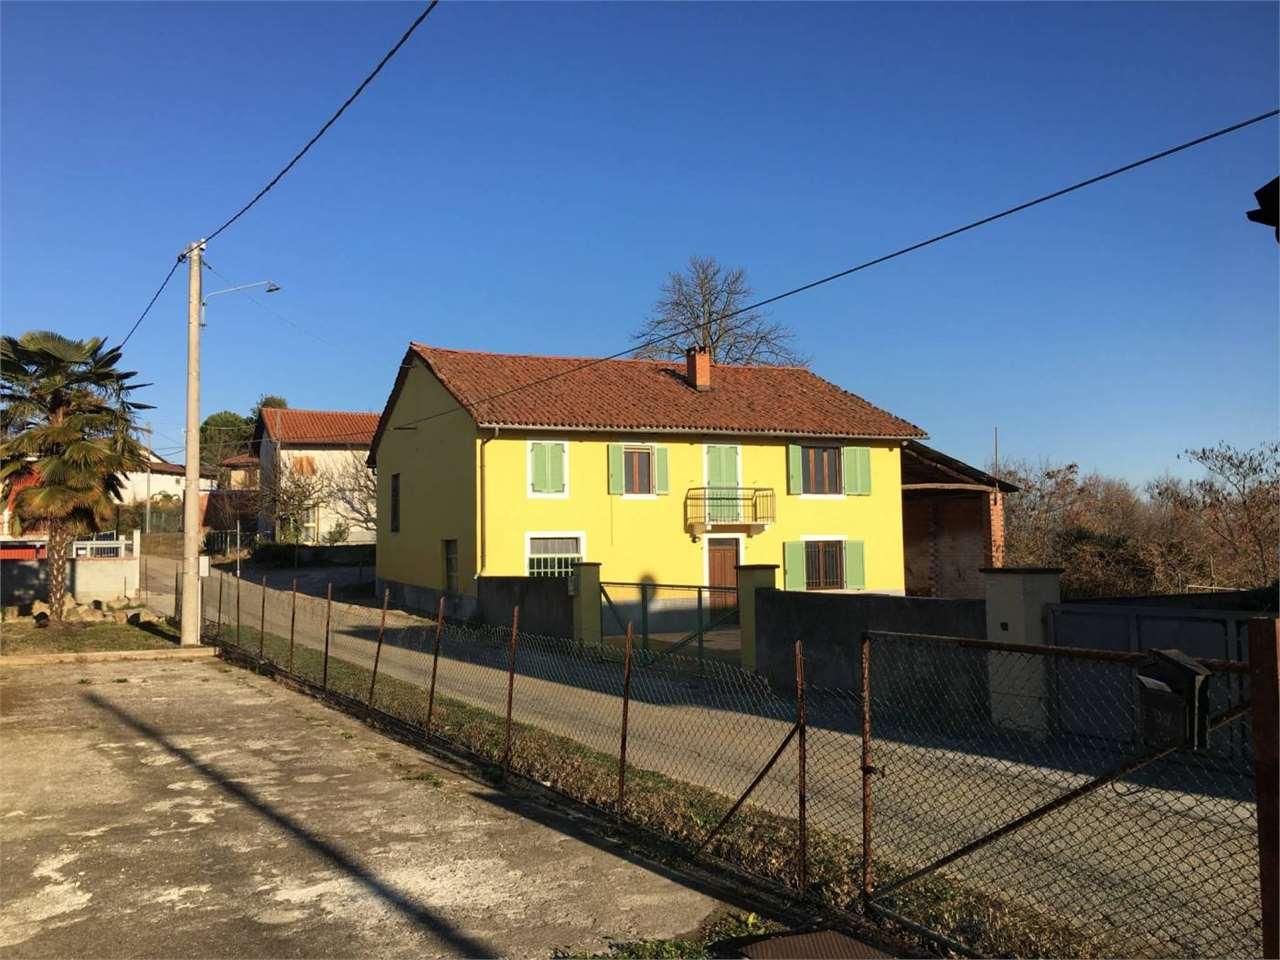 Rustico / Casale in vendita a Cortazzone, 5 locali, prezzo € 129.000 | PortaleAgenzieImmobiliari.it